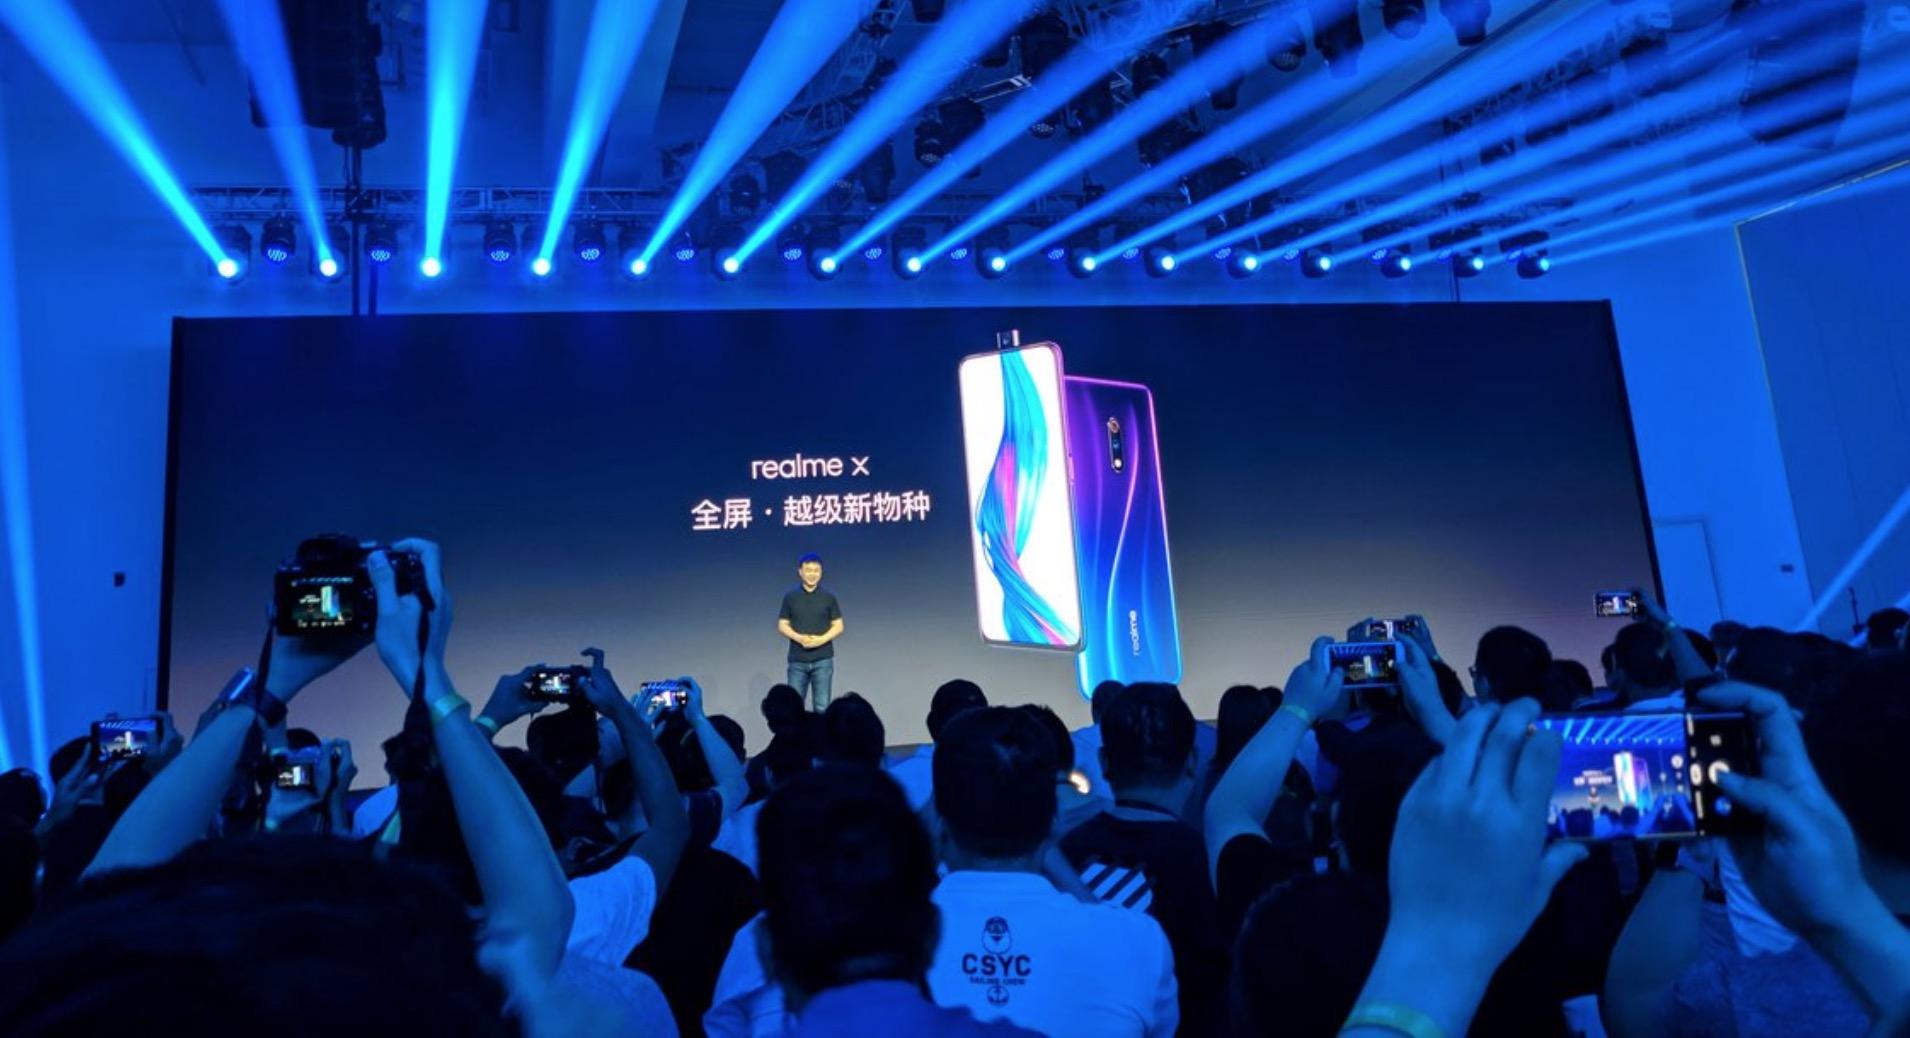 Realme X chính thức ra mắt: Chip Snapdragon 710, vân tay trong màn hình, camera thò thụt, giá từ 3.9 triệu